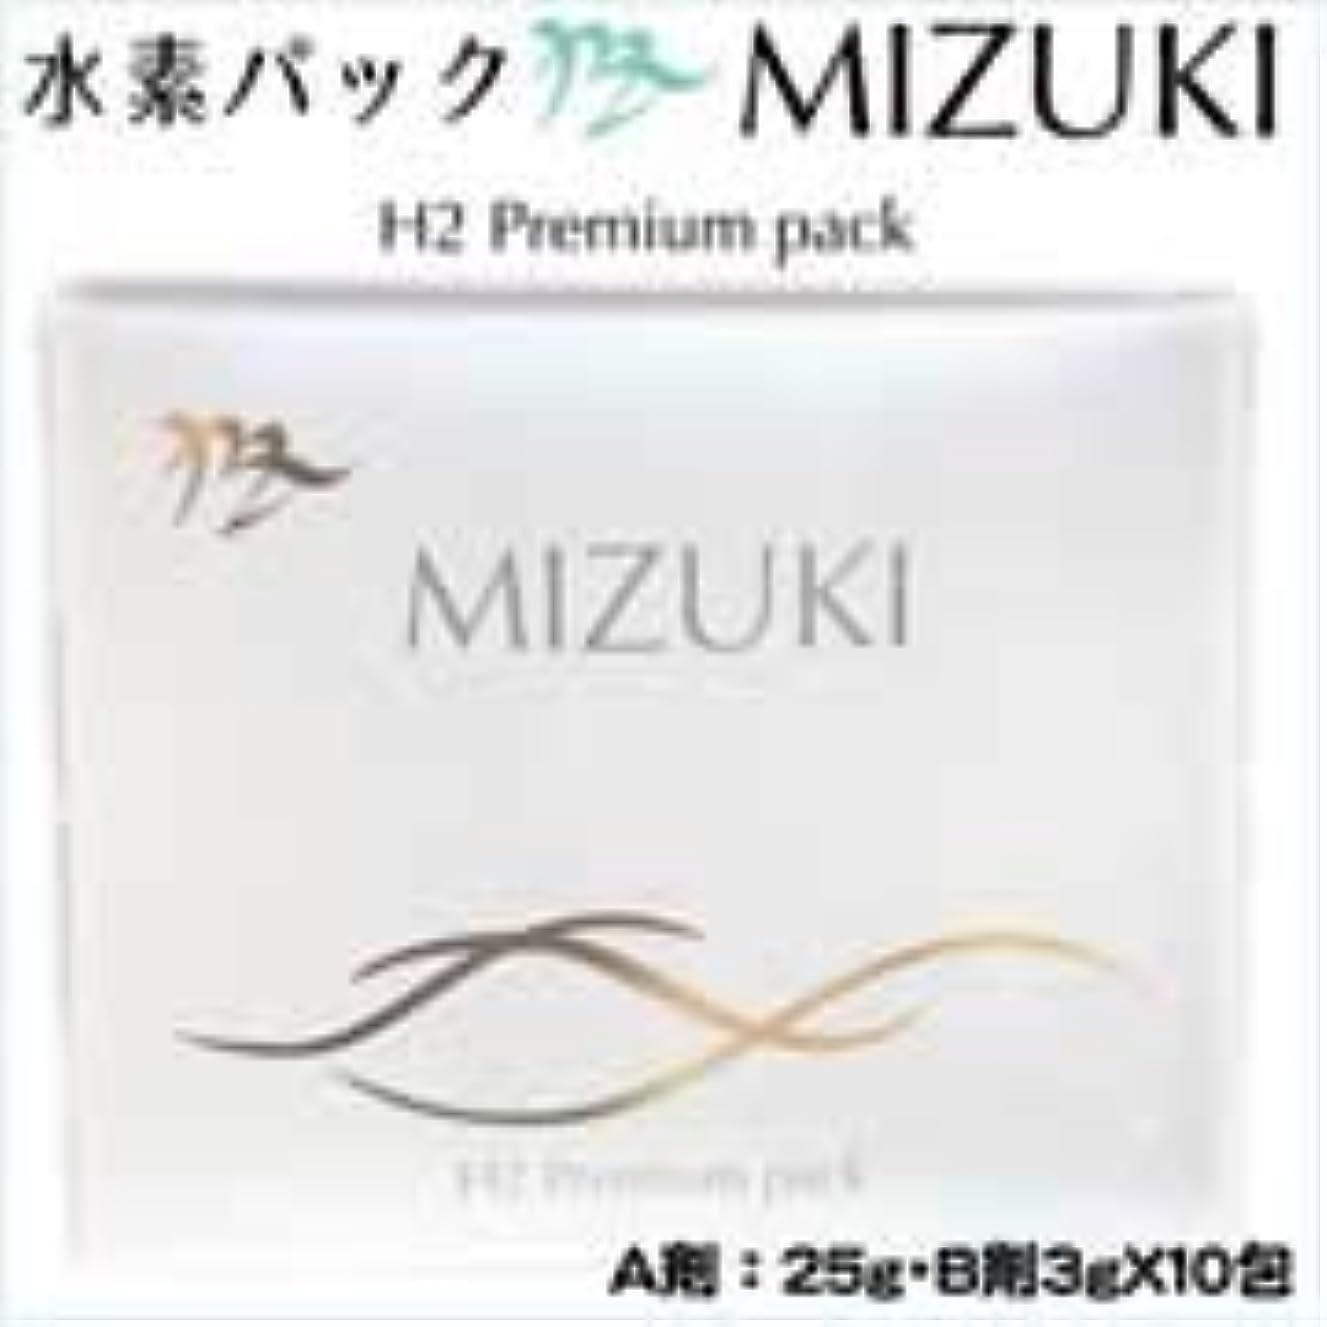 ステージサイズコマンドMIZUKI H2 Premium pack ミズキ プレミアムパック A剤:25g、B剤:3gX10包 スパチュラ付き